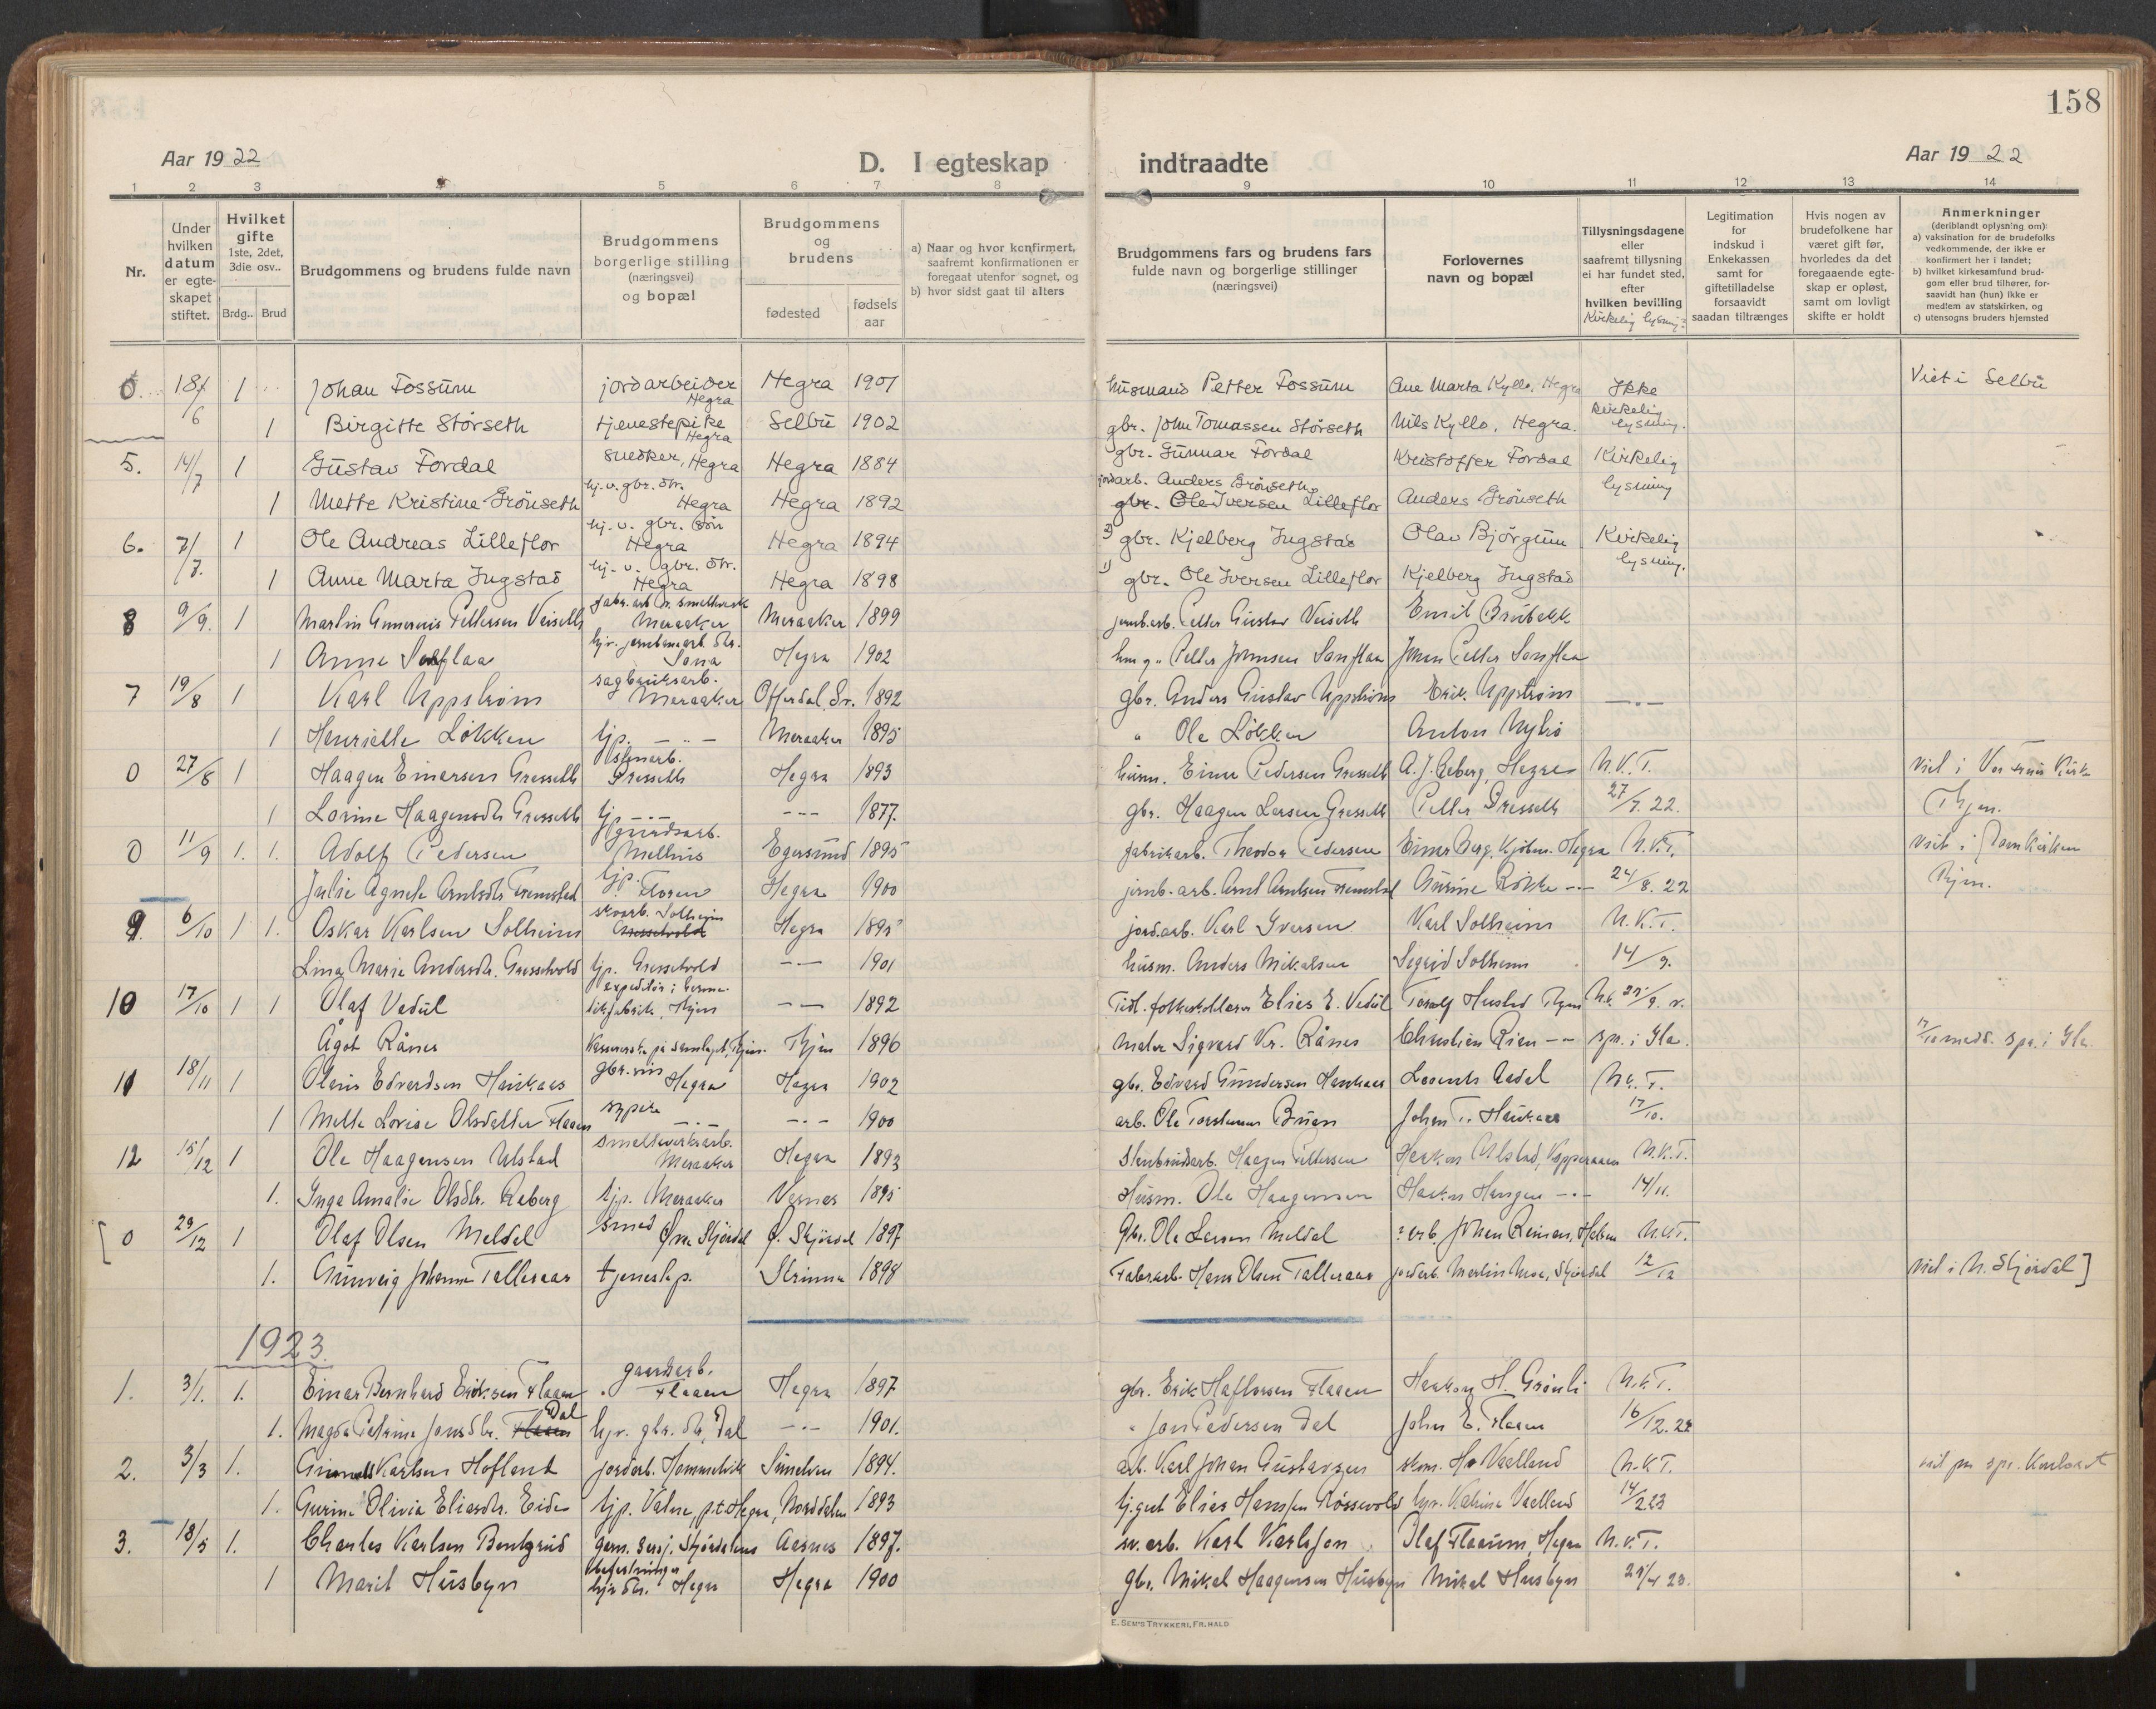 SAT, Ministerialprotokoller, klokkerbøker og fødselsregistre - Nord-Trøndelag, 703/L0037: Parish register (official) no. 703A10, 1915-1932, p. 158